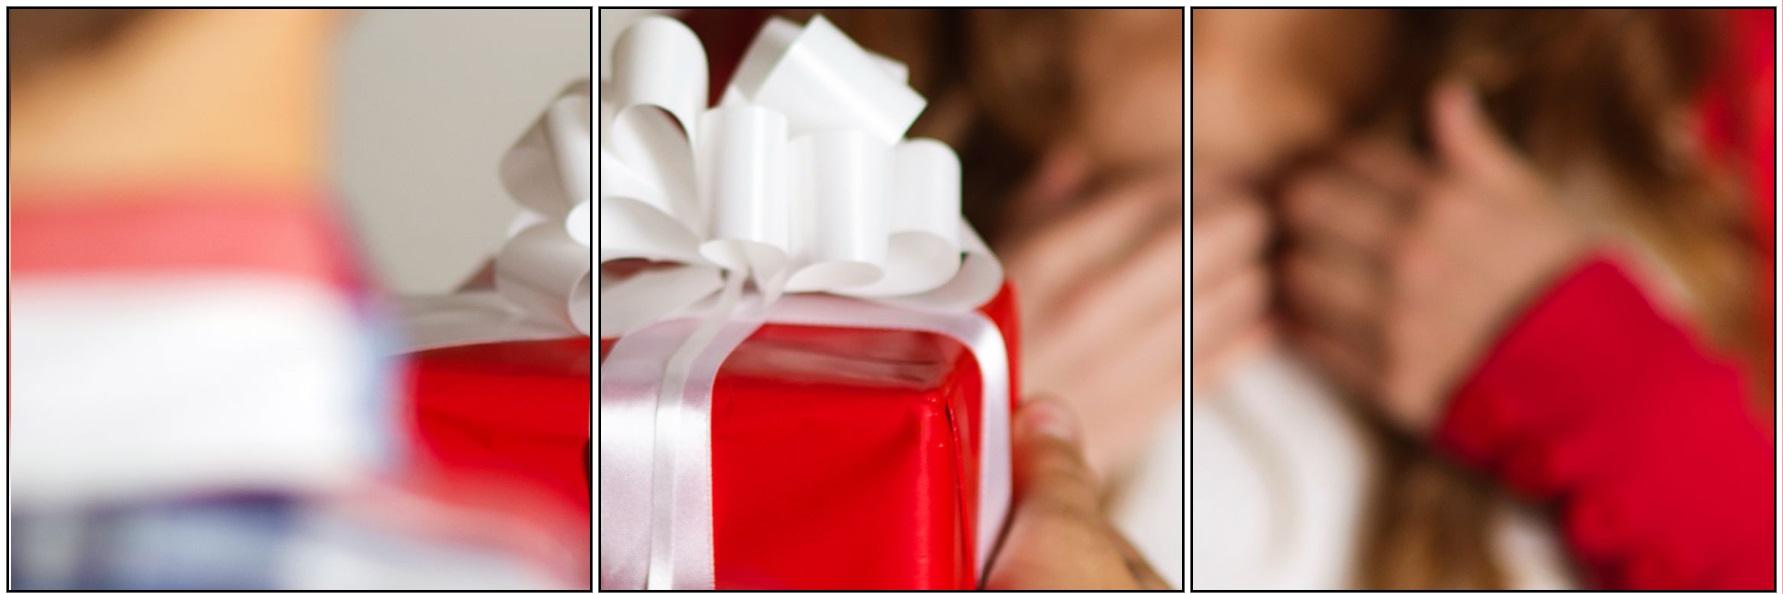 מתנות סקסיות, נוצות, משחקים ואביזרים שונים